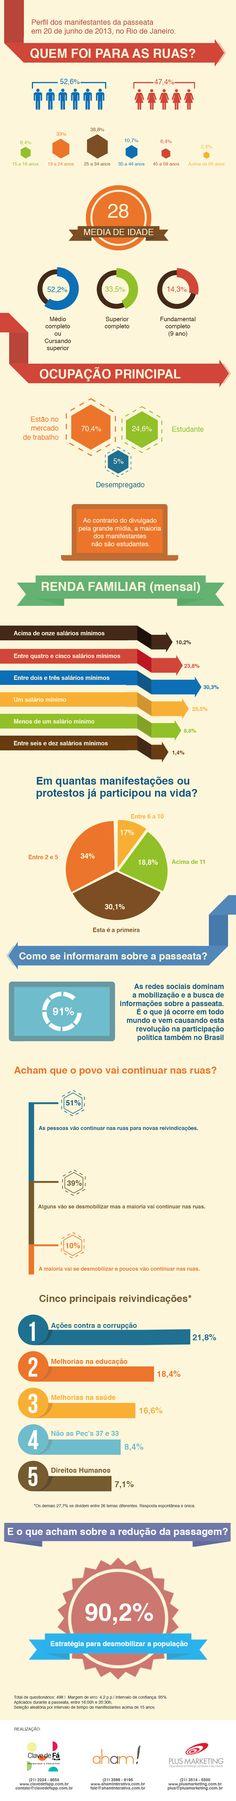 Infográfico para ilustrar o perfil dos manifestantes da passeata de quinta-feira (20) no Rio de Janeiro. A pesquisa foi feita em parceria com a Clave de Fá  e Plus Marketing.